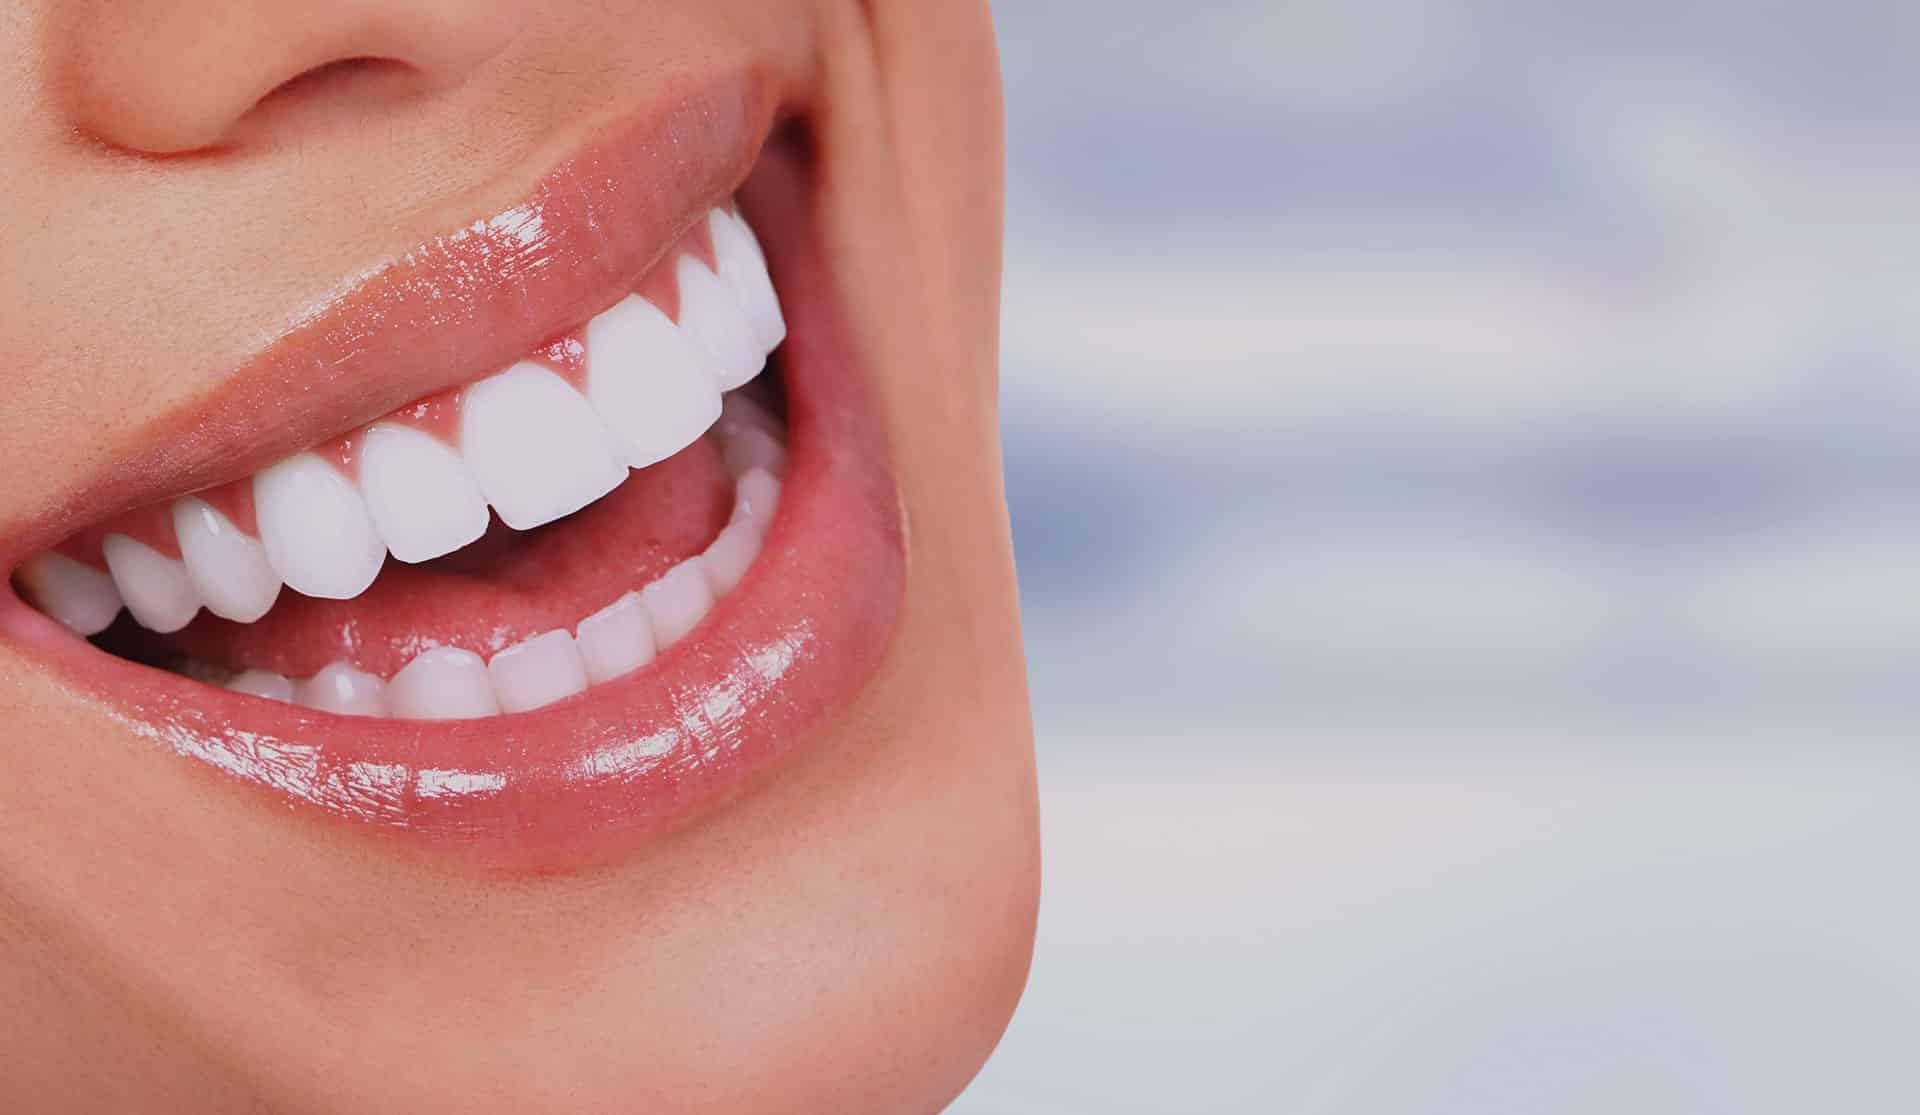 Lente de Contato Dental: Como Funciona, Preços, Vale a Pena?